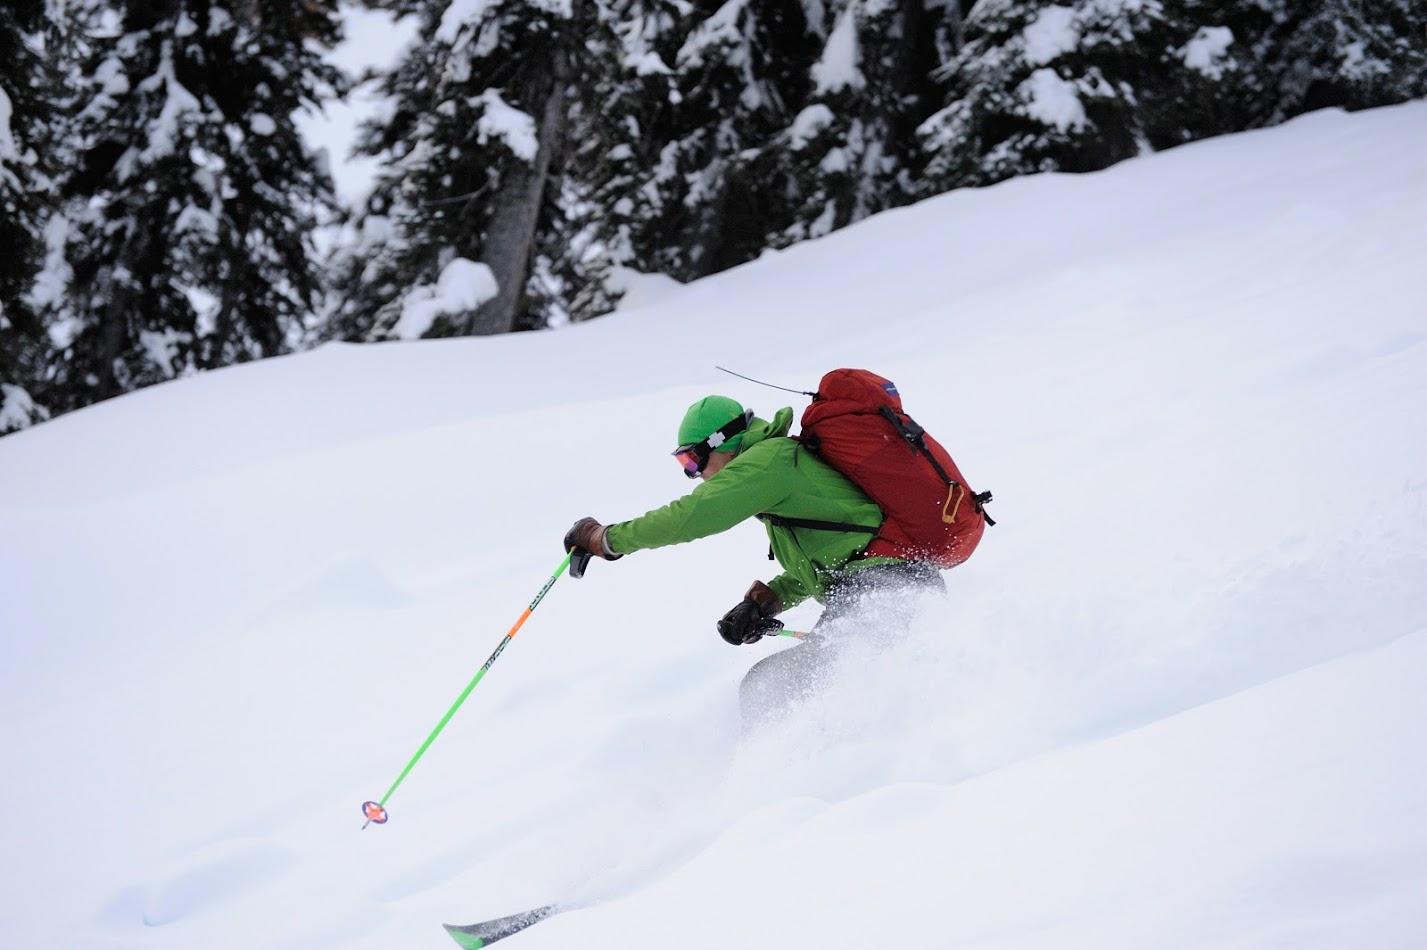 More enjoyable post-storm skiing